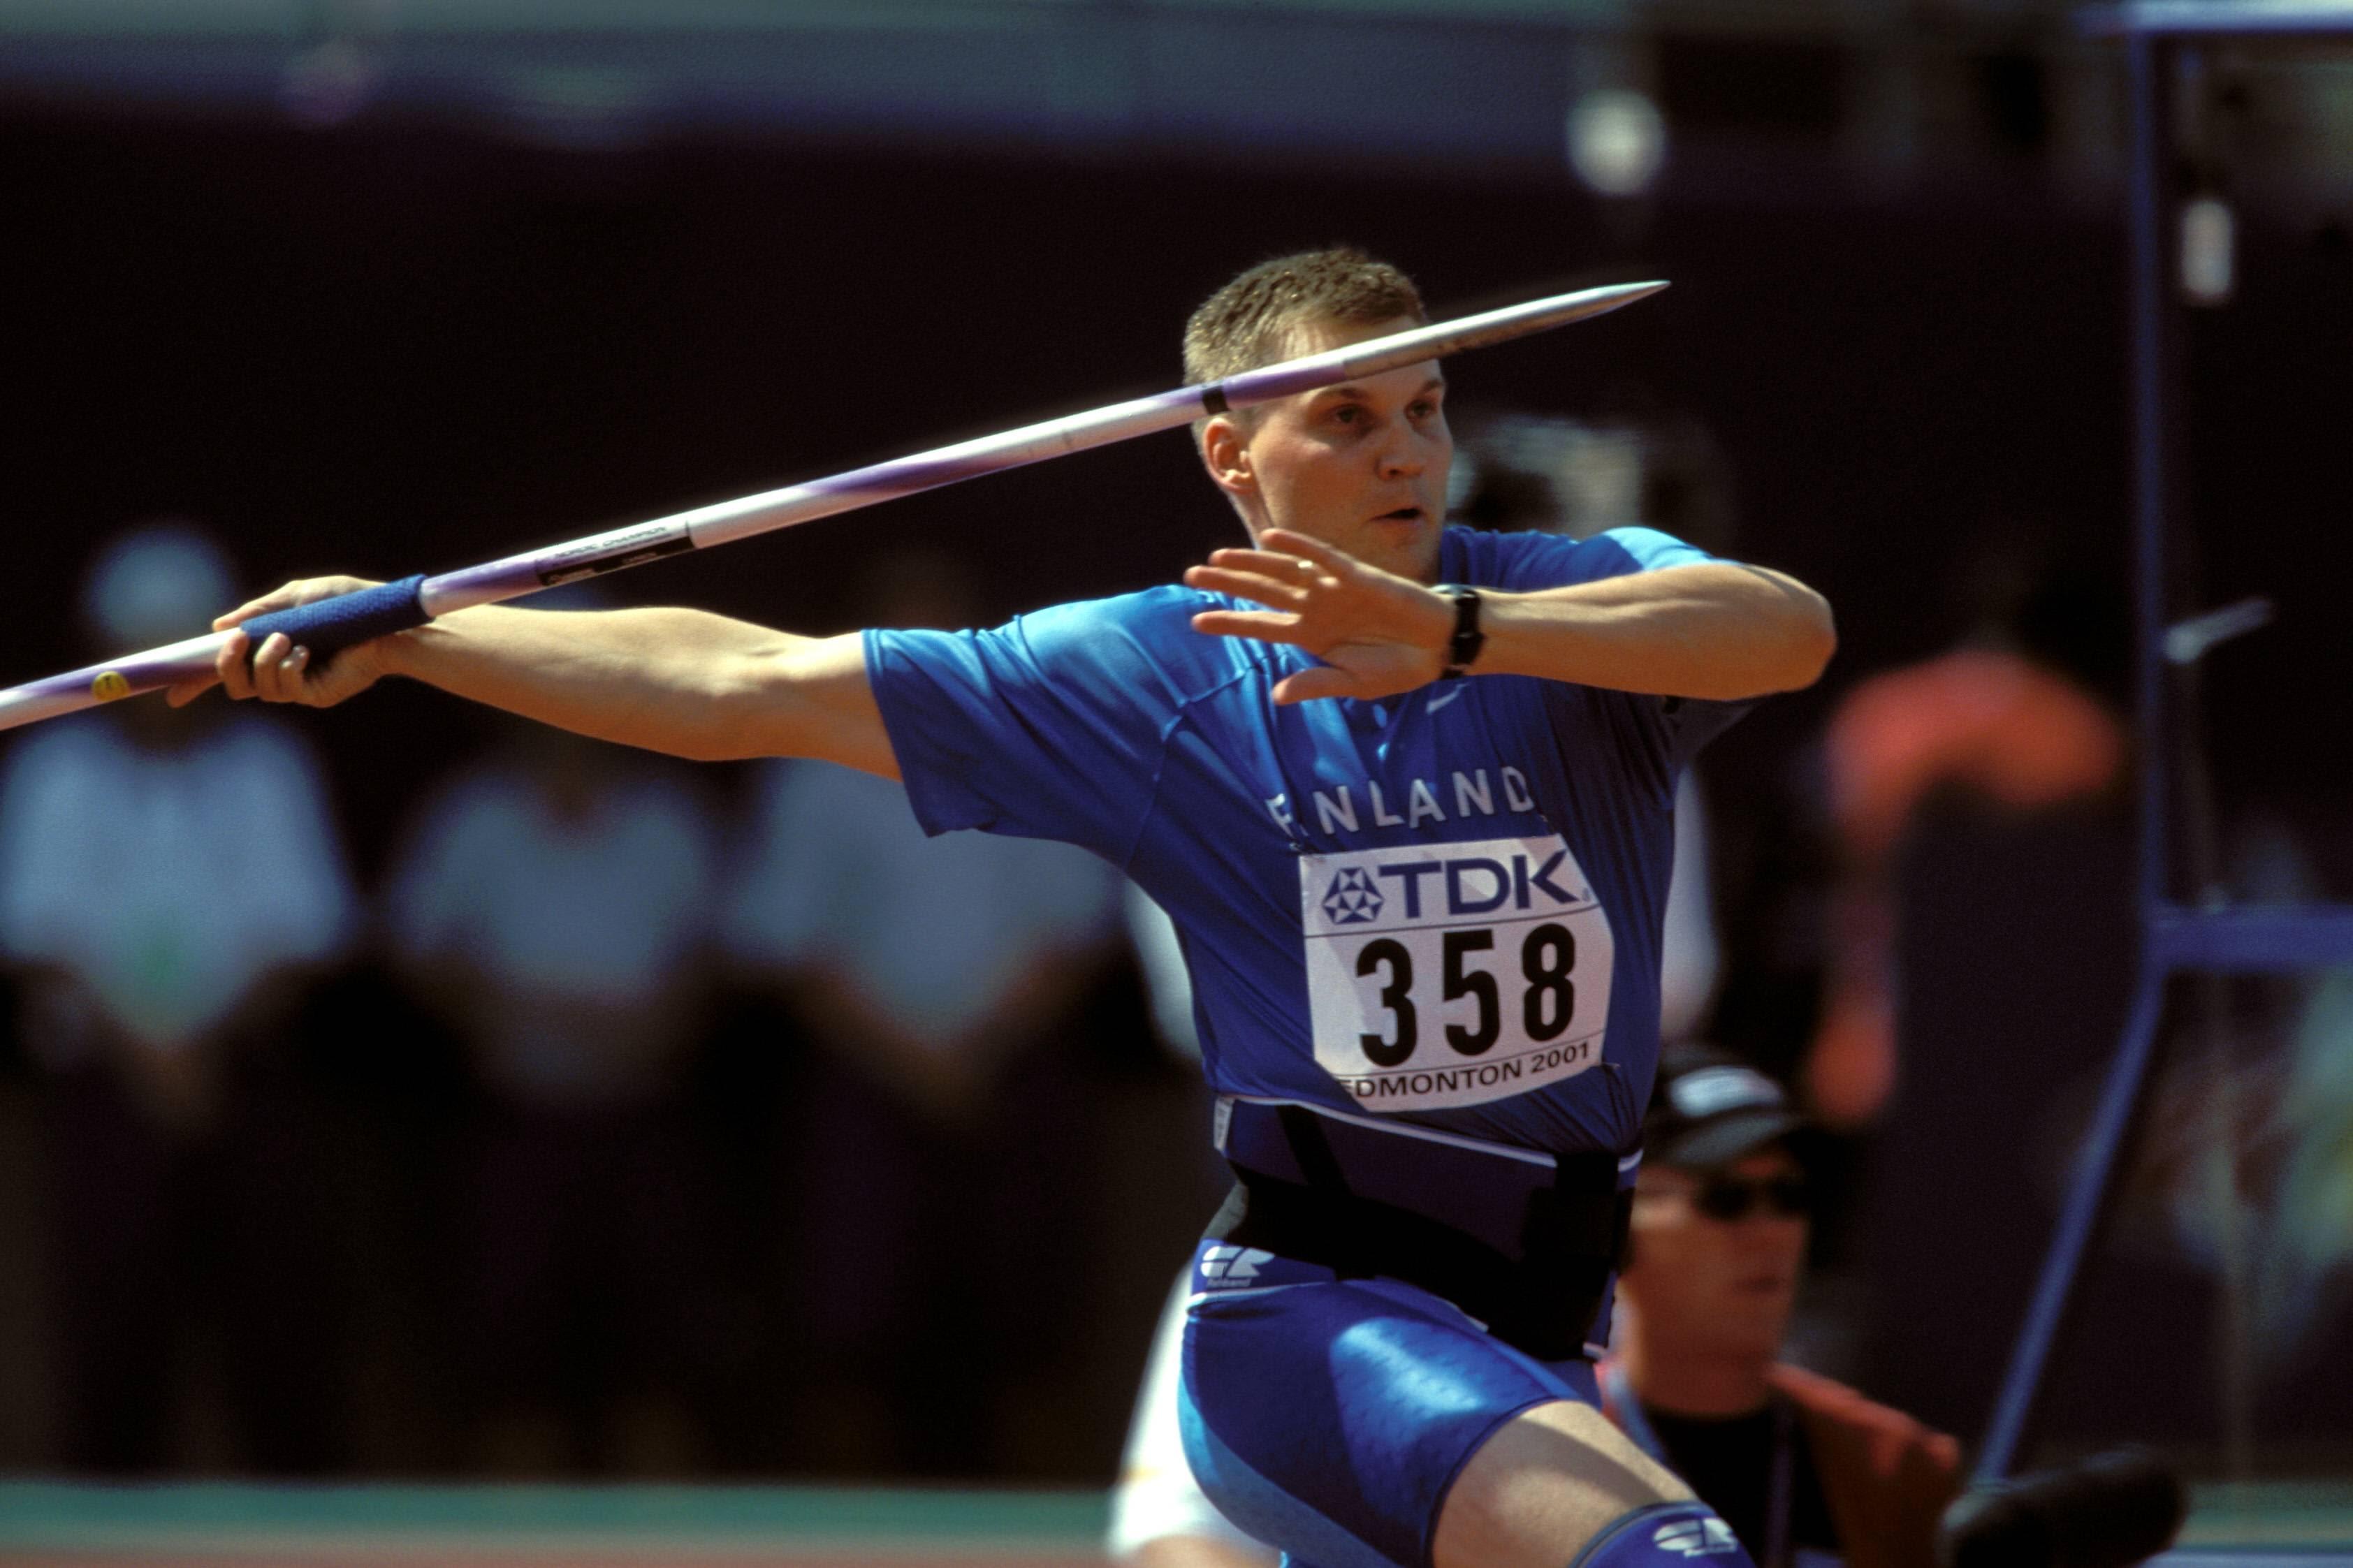 Aki Parviainen heitti kovalla riskillä Edmontonin MM-finaalissa vuonna 2001.